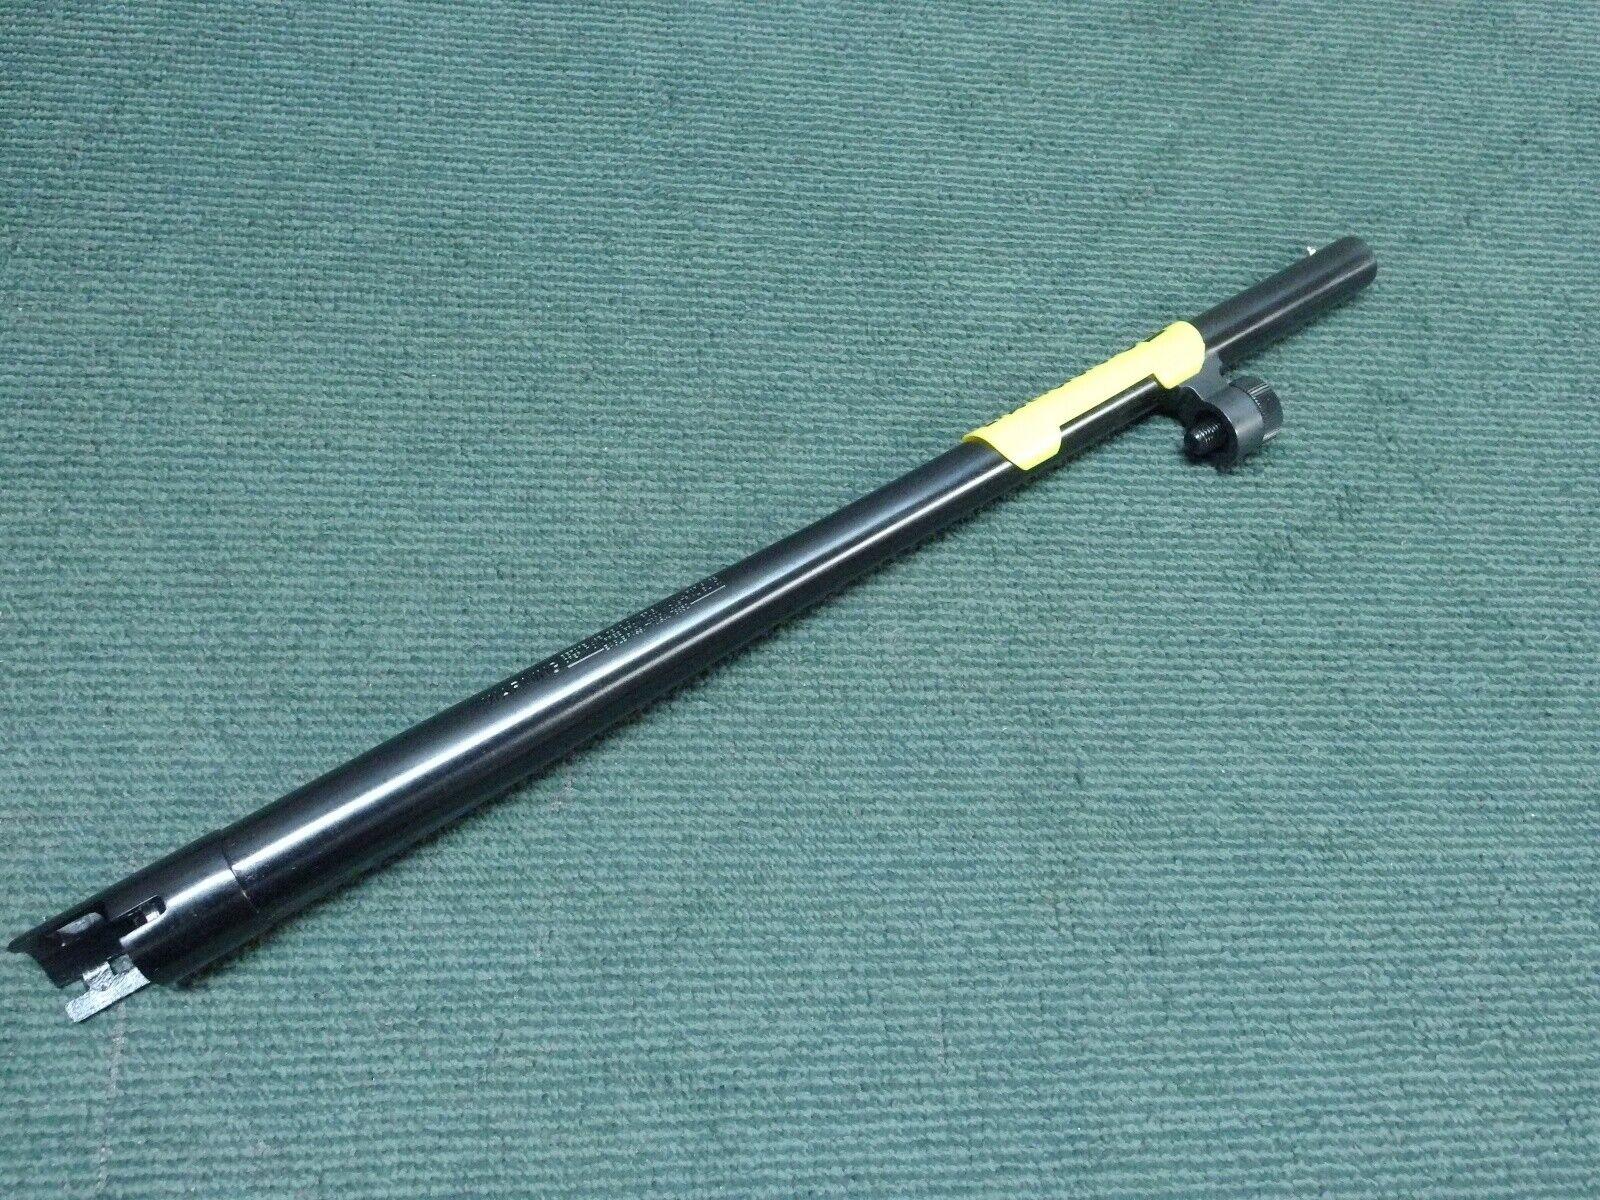 MOSSBERG 500, 500A MAVERICK 88 12GA. BARREL - 18.5 CYL. BORE - DEFENSE - NEW - $279.95